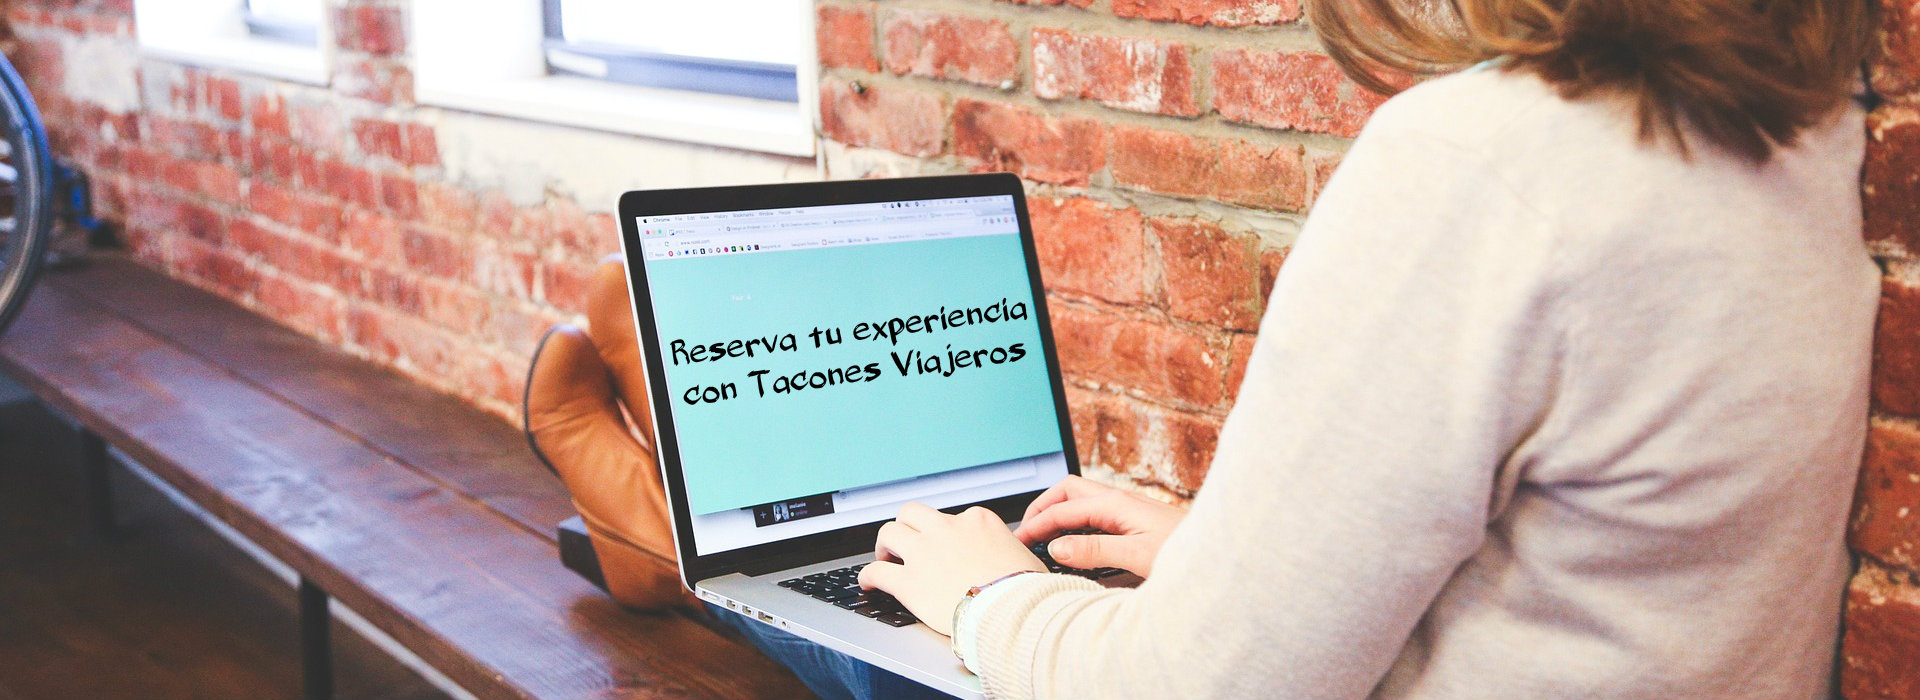 Proceso de reserva con Tacones Viajeros